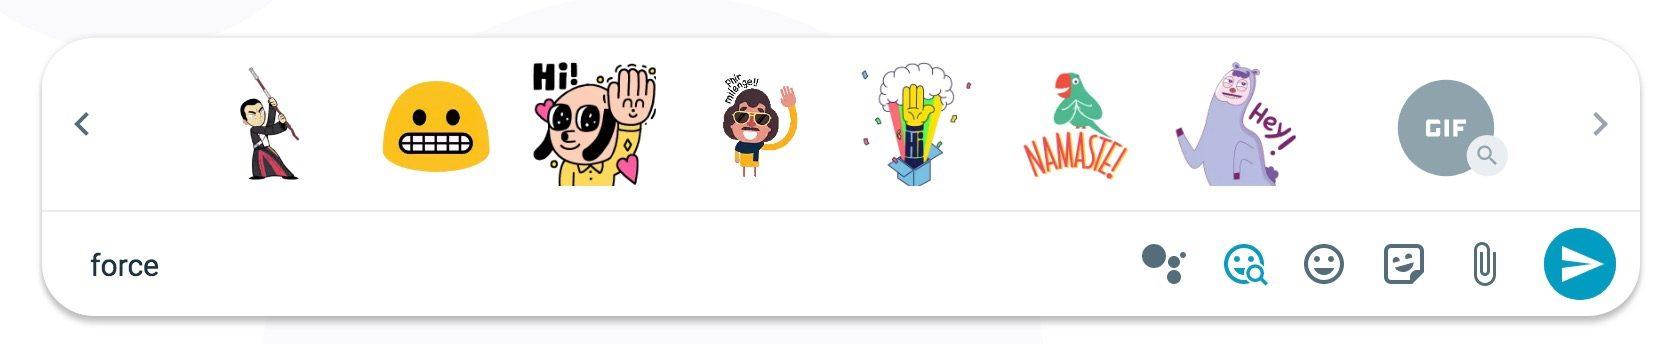 google-allo-web-sticker-2